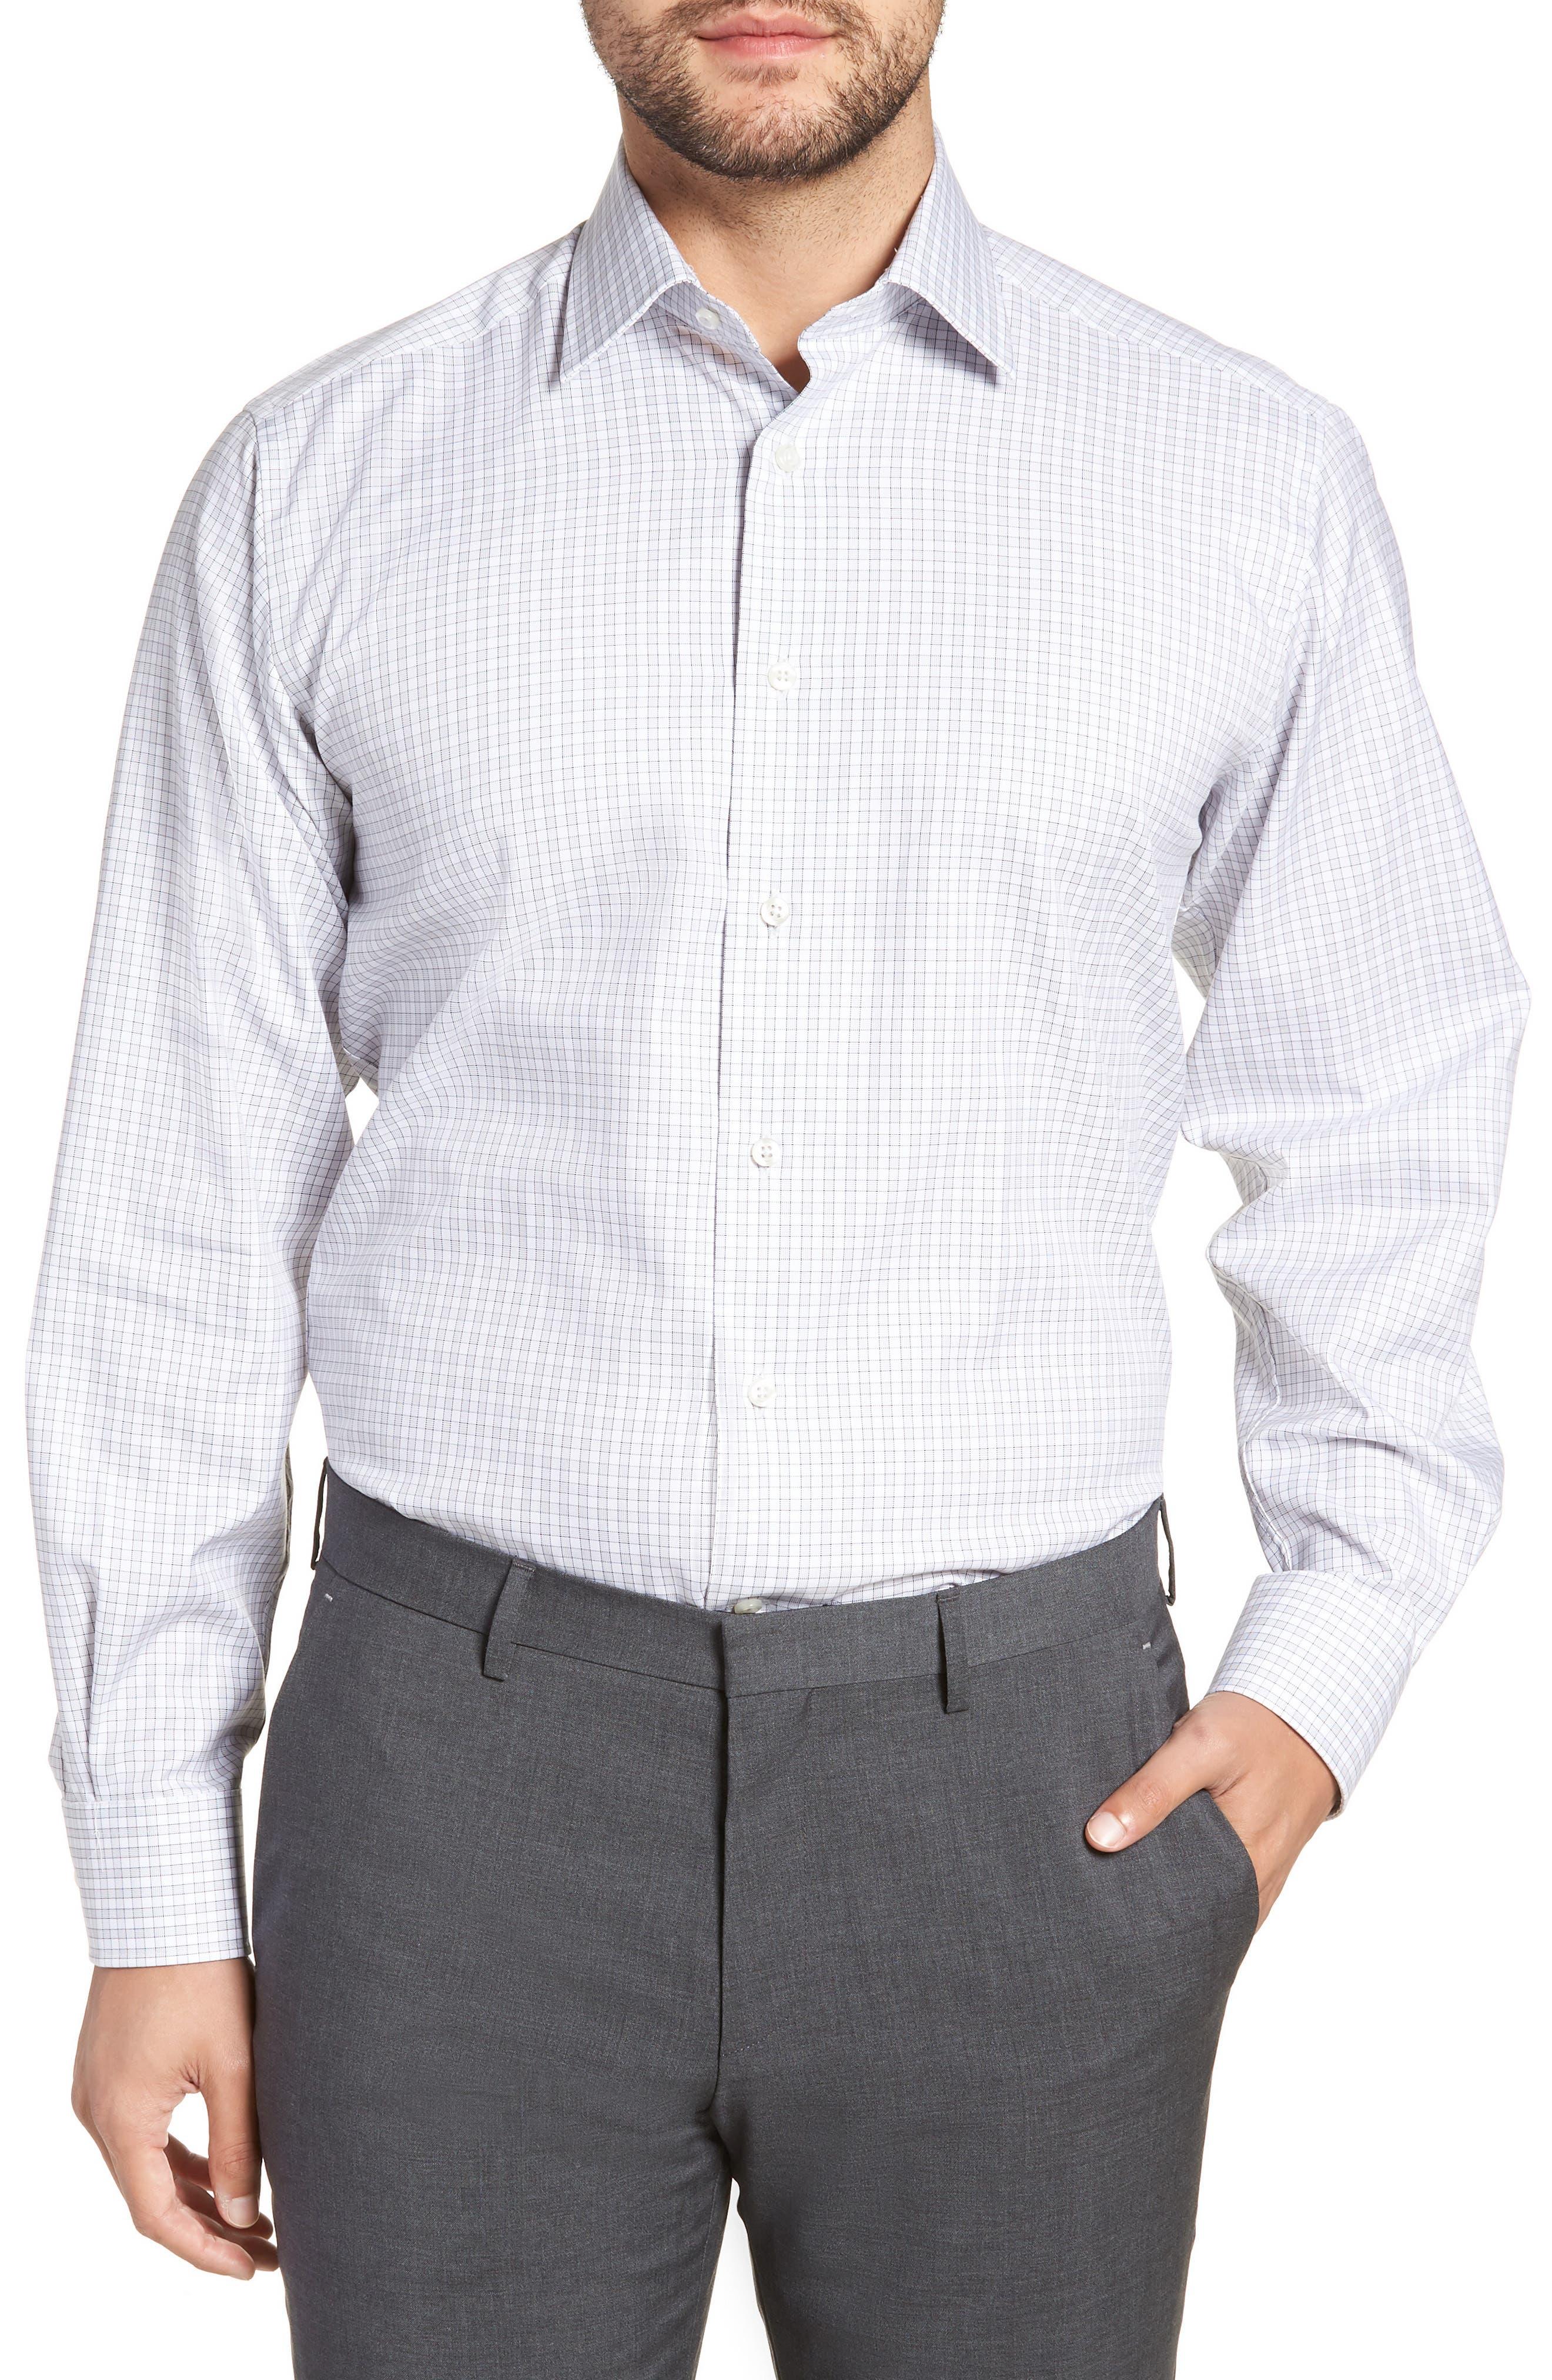 Regular Fit Check Dress Shirt,                             Main thumbnail 1, color,                             Gray